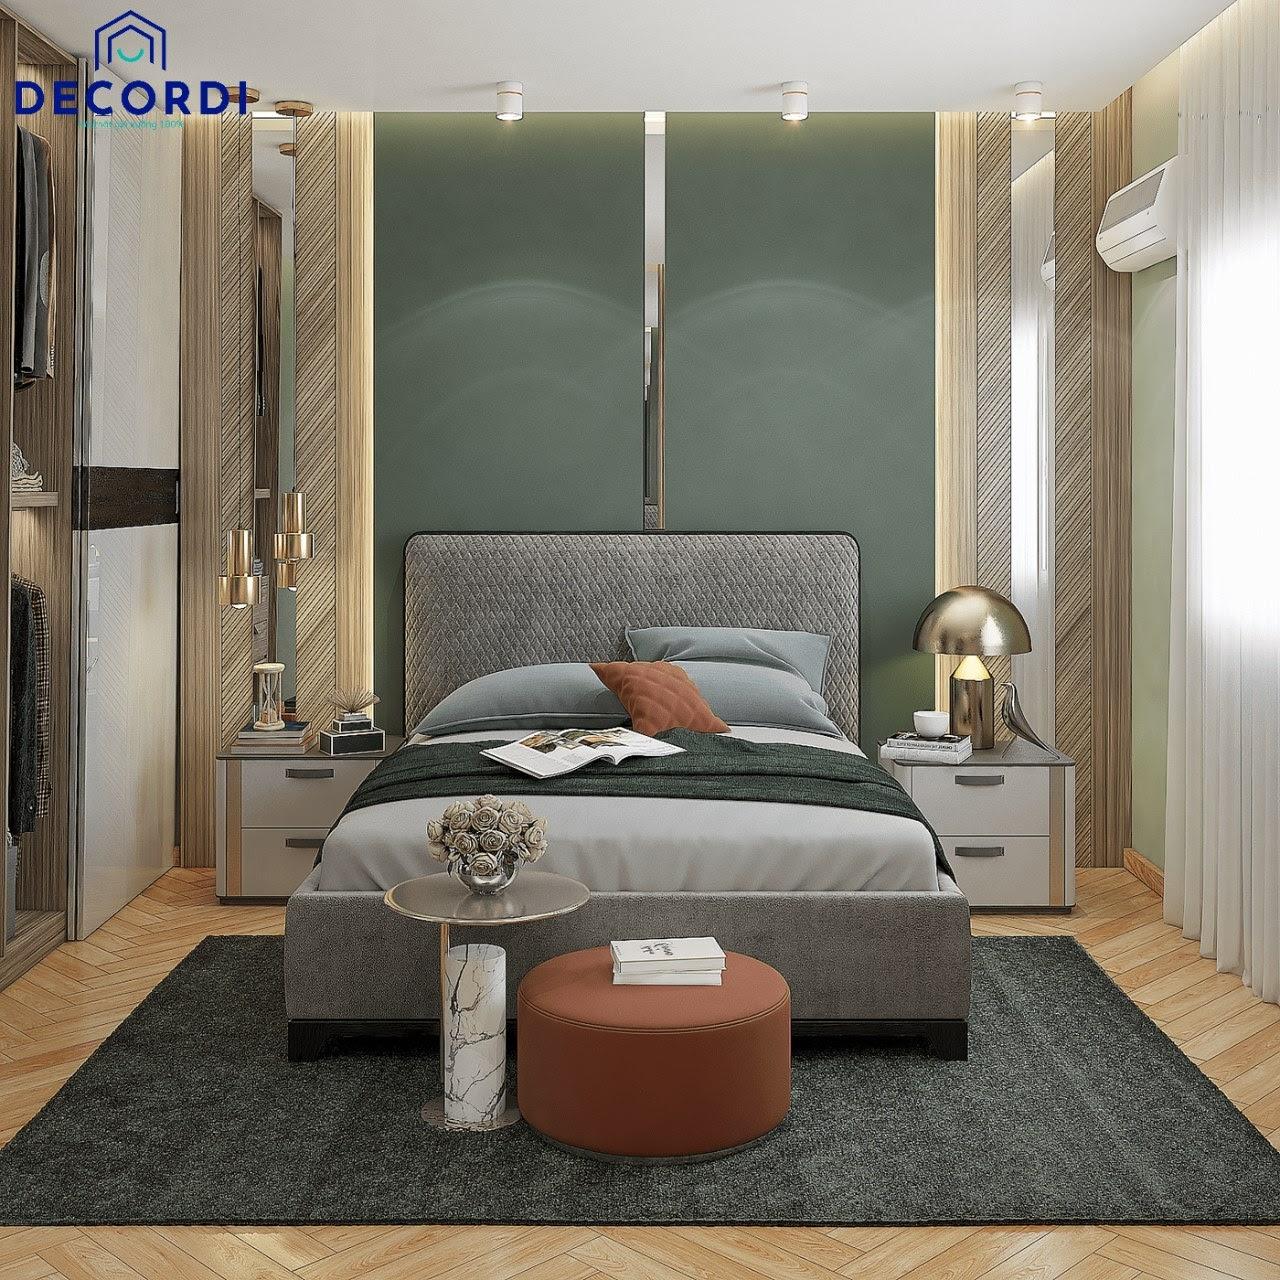 Thiết kế nội thất phòng ngủ 8m2 phong cách luxury sang trọng